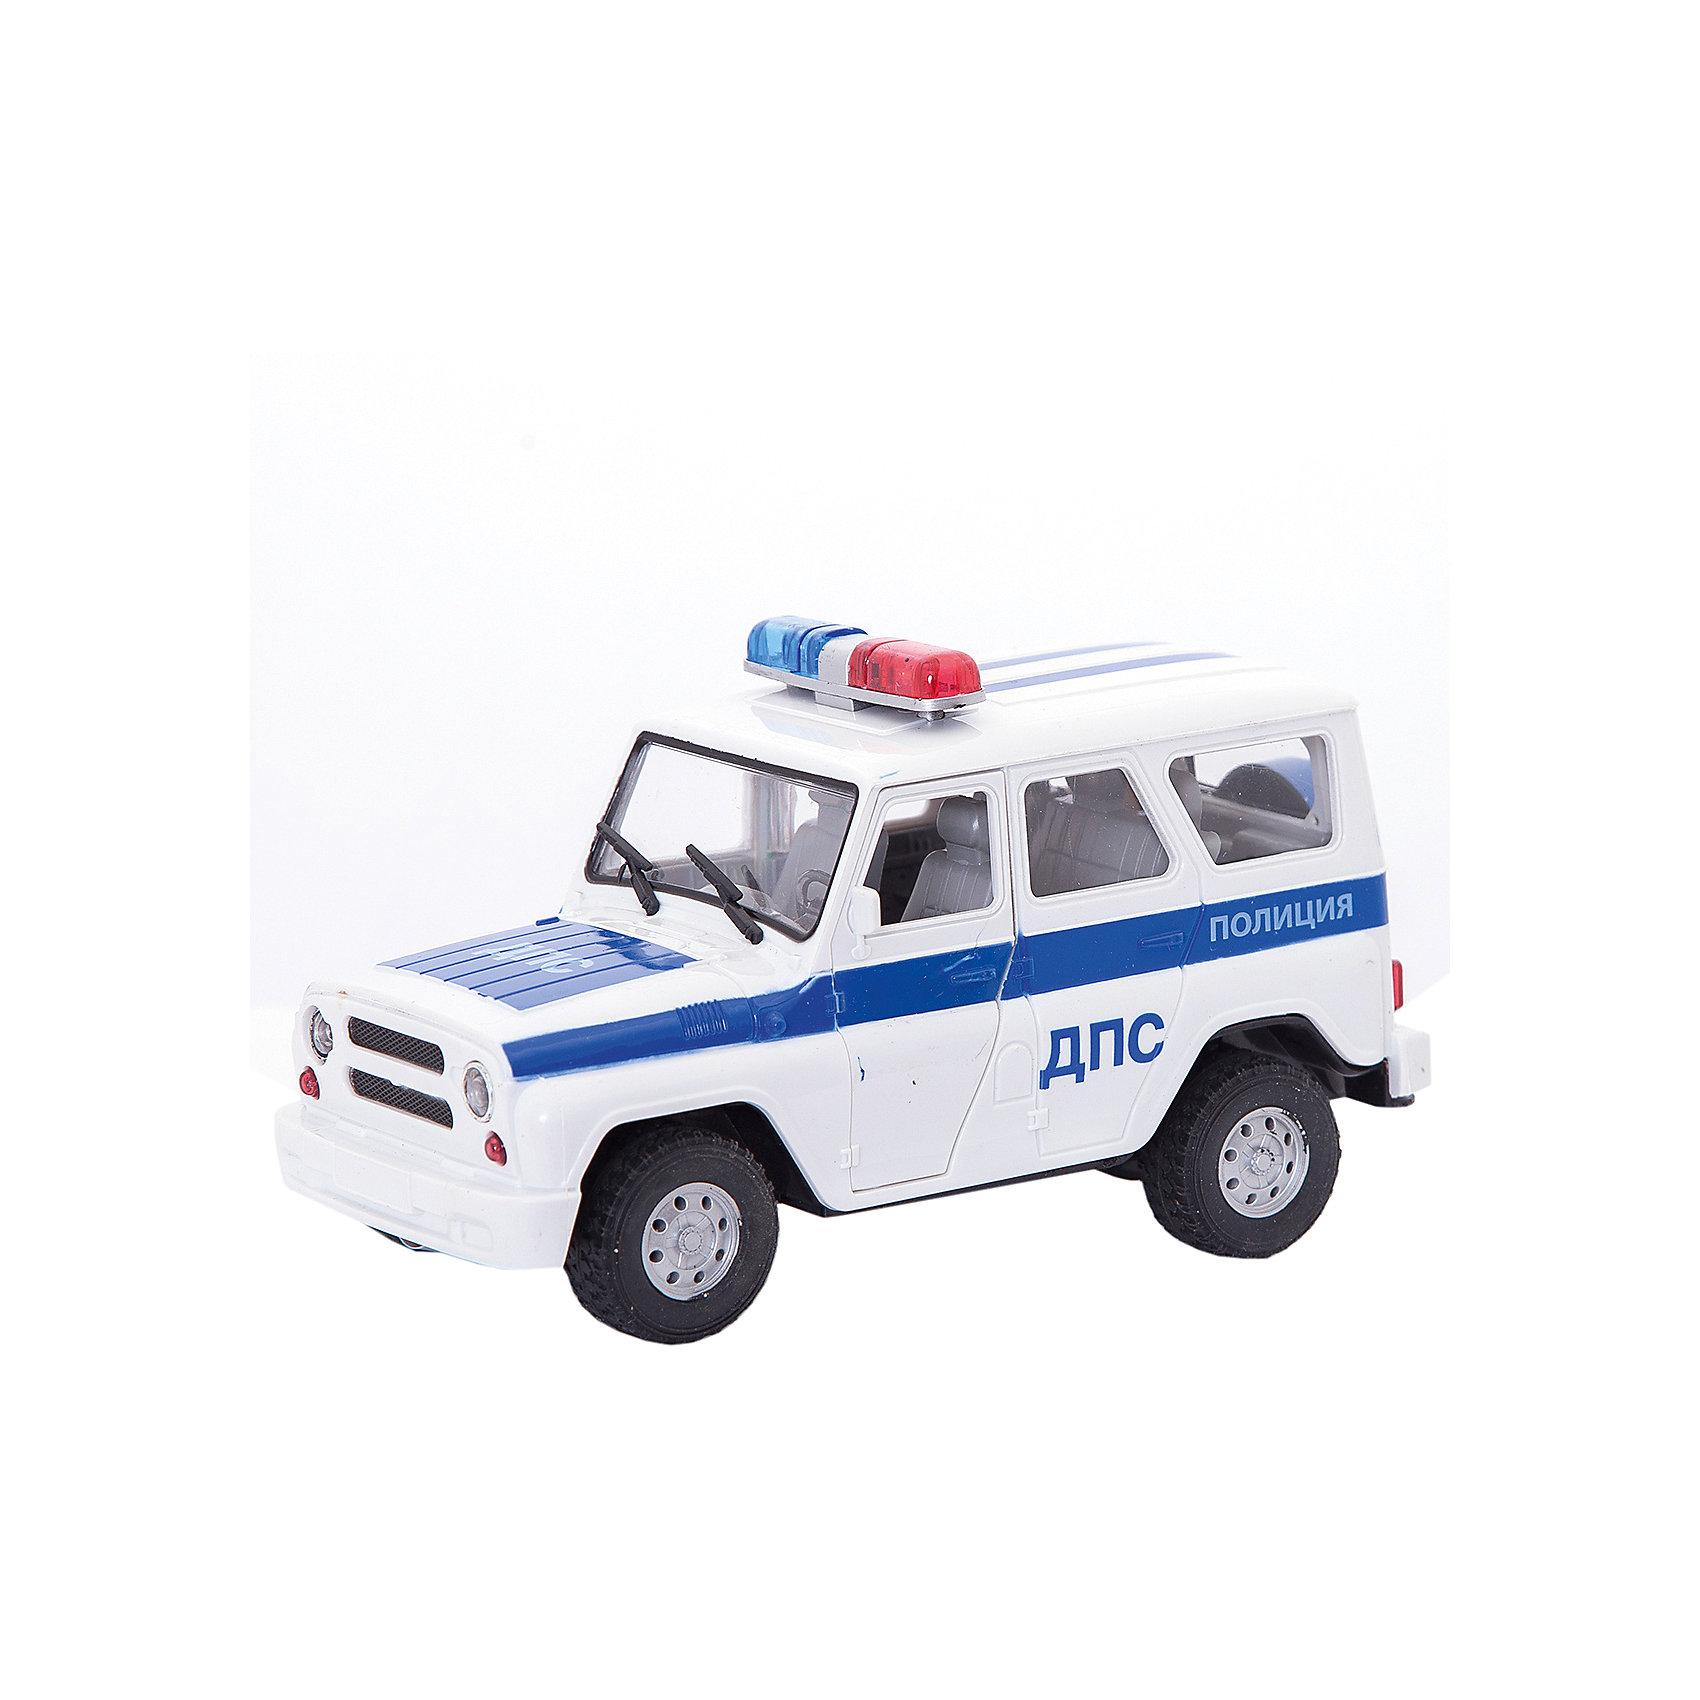 Машинка ДПС, ТЕХНОПАРКМашинки<br>Машинка ДПС, ТЕХНОПАРК - это тщательно проработанная игровая и коллекционная модель.<br>Инерционный автомобиль УАЗ Hunter является маленькой копией полицейской машины, имеет высокую детализацию. У автомобиля открываются двери и багажник, есть световые и звуковые эффекты, имитирующие настоящие: звук полицейской сирены, свет мигалки. Благодаря инерционному механизму, машина легко тронется с места и поедет, если ее поставить на твердую поверхность, отвести немного назад и отпустить. Ваш ребенок будет часами играть с этой машинкой, придумывая различные истории. Порадуйте его таким замечательным подарком!<br><br>Дополнительная информация:<br><br>- Материал: металл, пластик<br>- Работает от батареек<br>- Размер упаковки: 24 x 14 x 11 см.<br>- Вес: 1,6 кг.<br><br>Машинку ДПС, ТЕХНОПАРК можно купить в нашем интернет-магазине.<br><br>Ширина мм: 770<br>Глубина мм: 350<br>Высота мм: 680<br>Вес г: 1600<br>Возраст от месяцев: 36<br>Возраст до месяцев: 144<br>Пол: Мужской<br>Возраст: Детский<br>SKU: 4395909